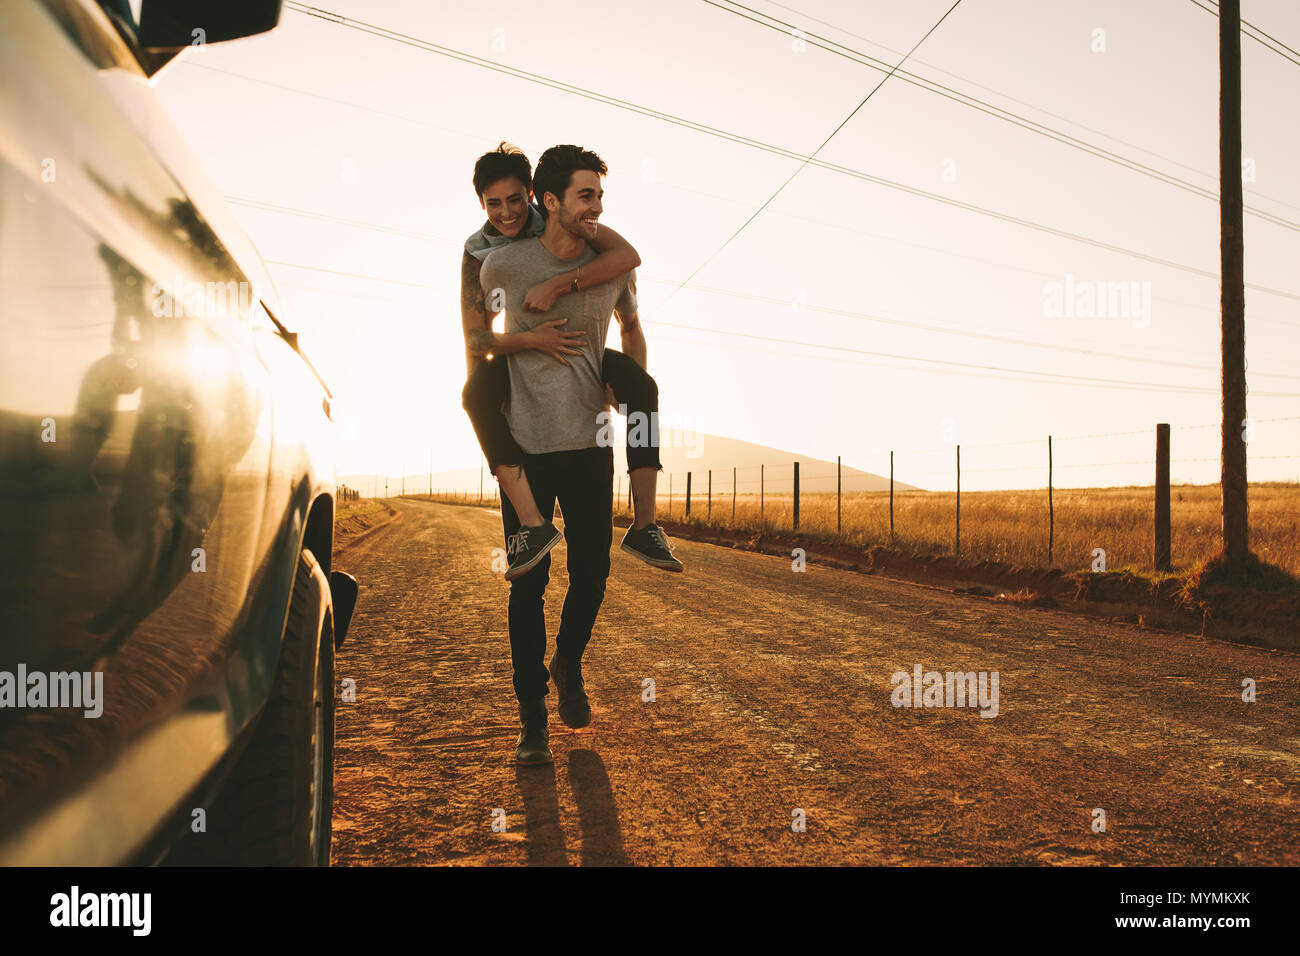 Frau piggy Reitschule auf einem Mann draußen im Land. Mann, der eine Frau auf dem Rücken während einer Reise. Stockbild